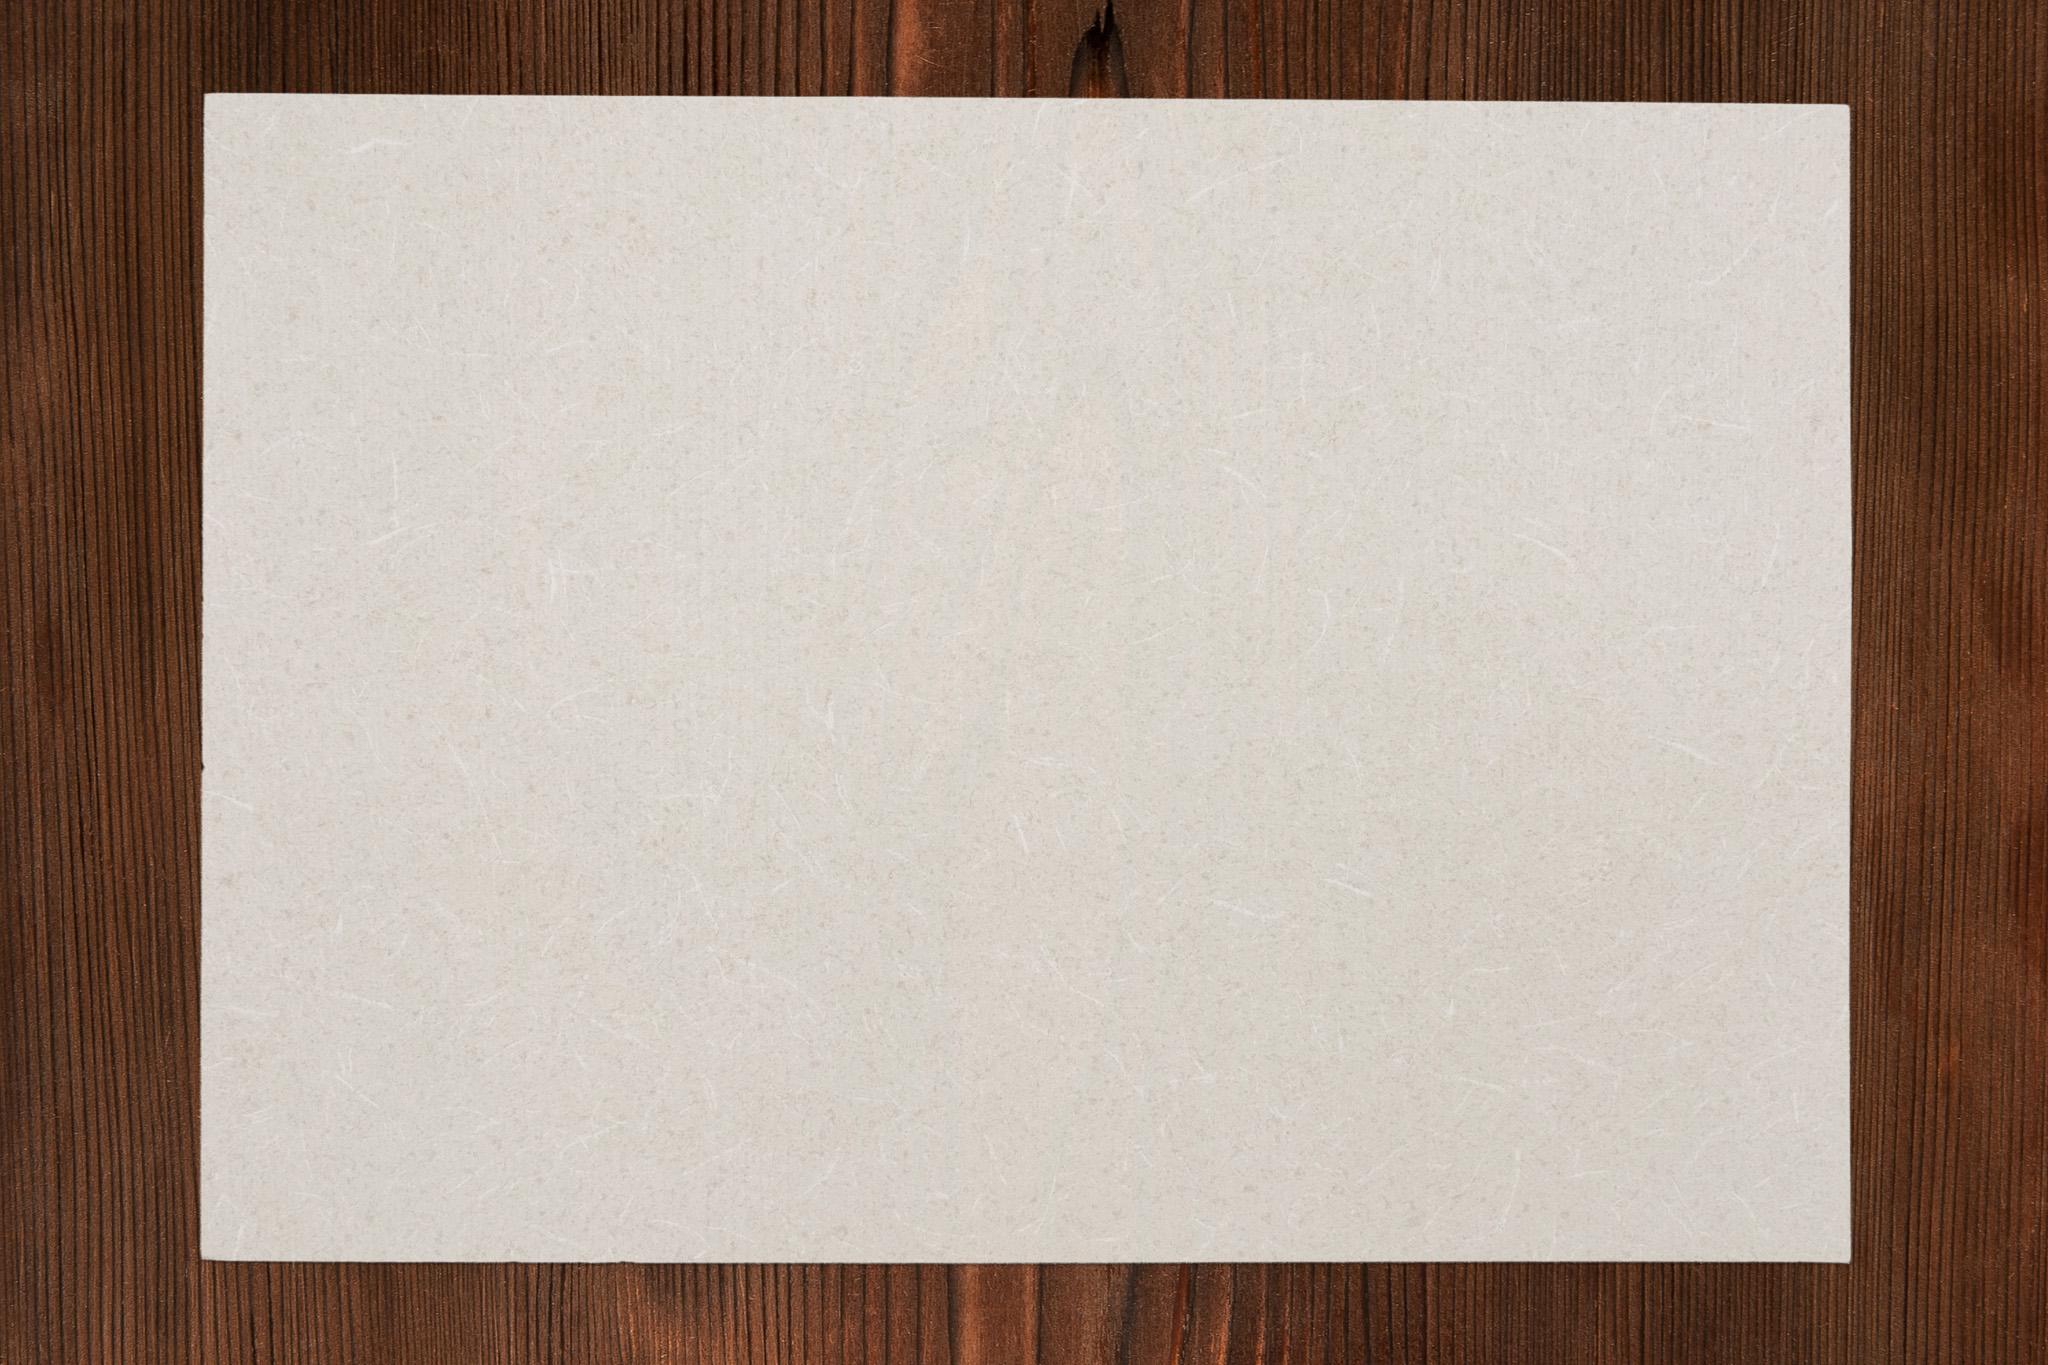 「古い木の板と和紙の背景」の背景を無料ダウンロード